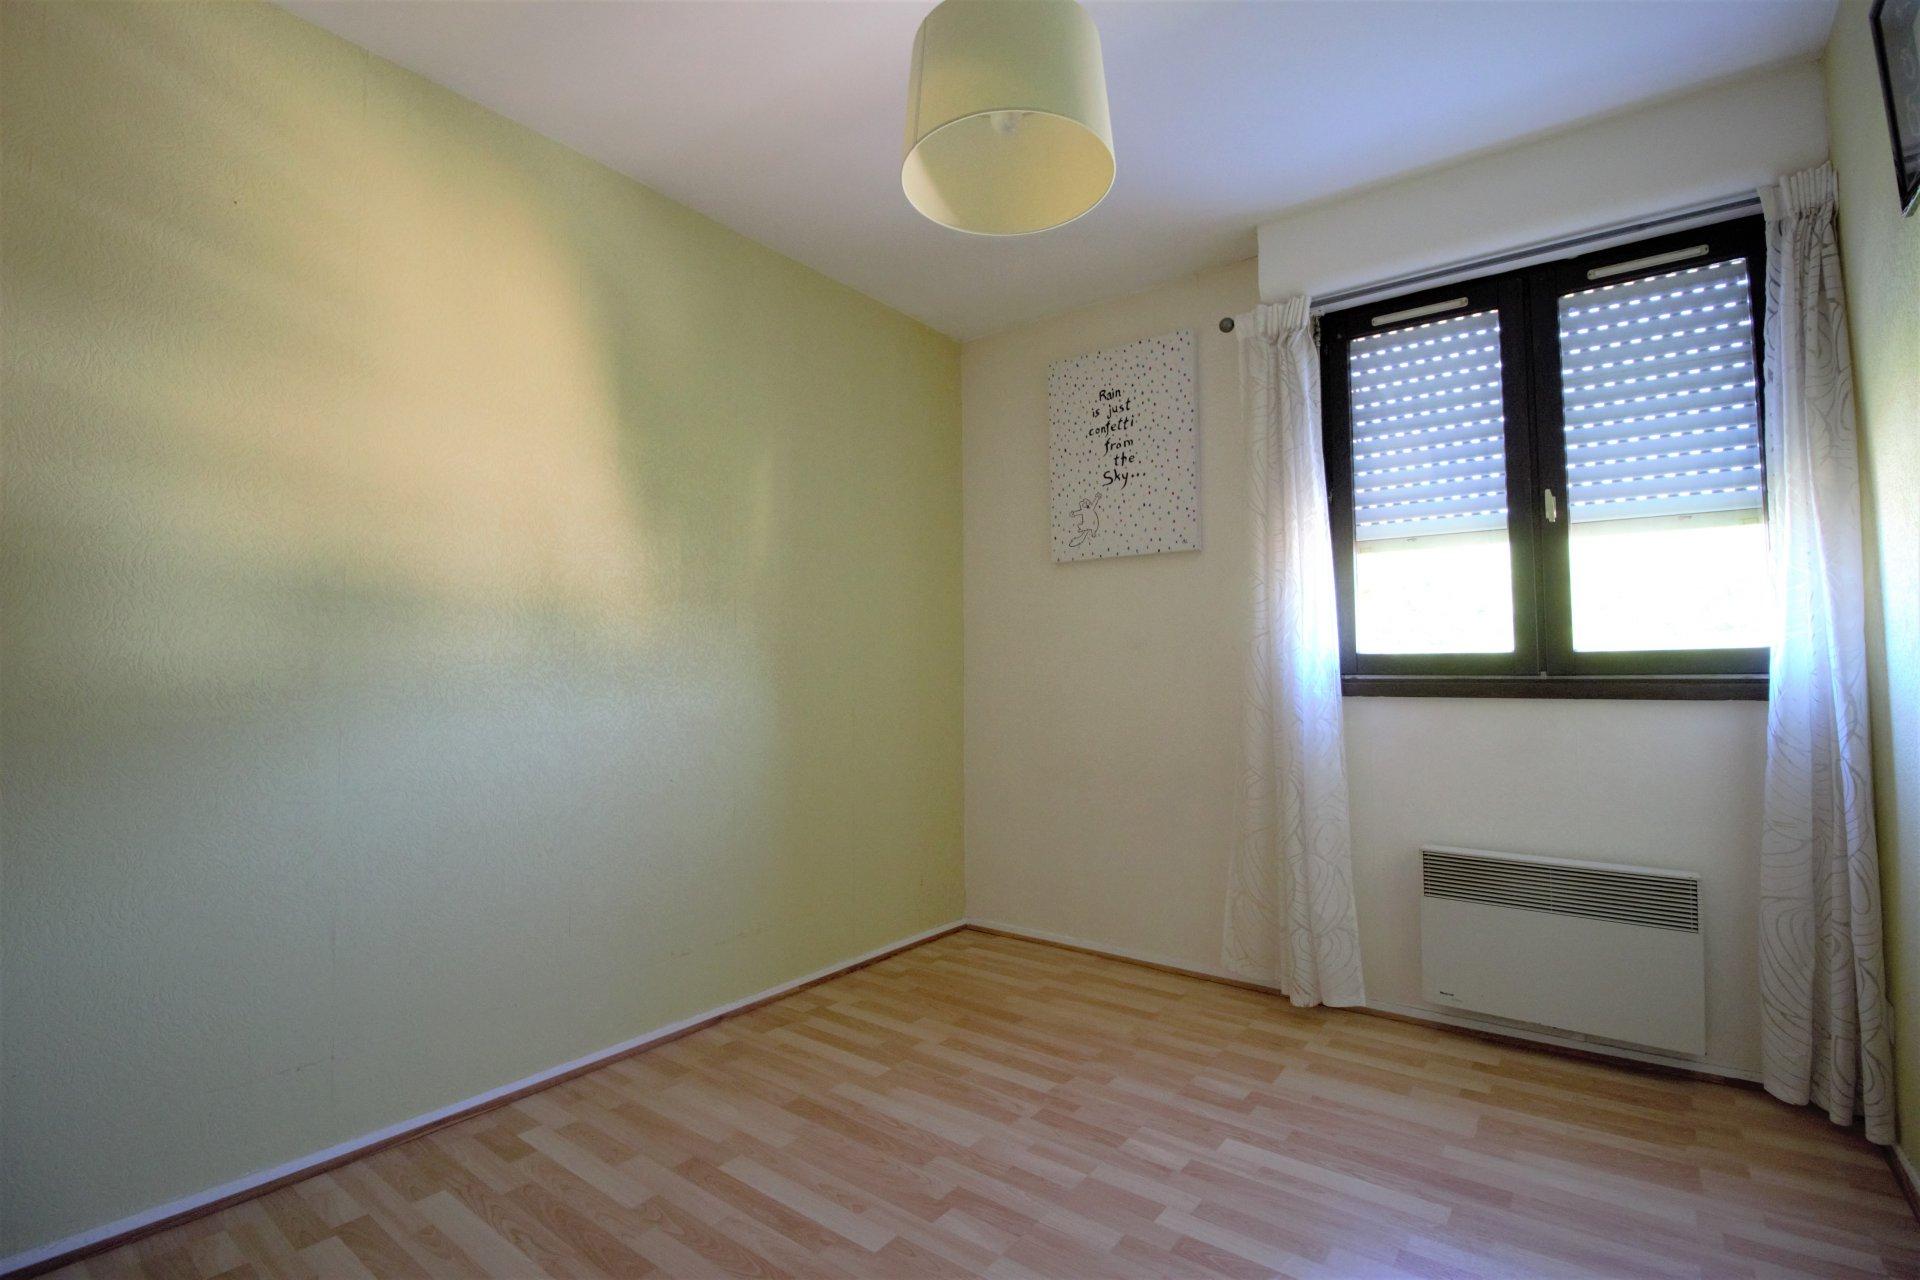 Bel appartement Rouen rive sud dernier étage terrasse